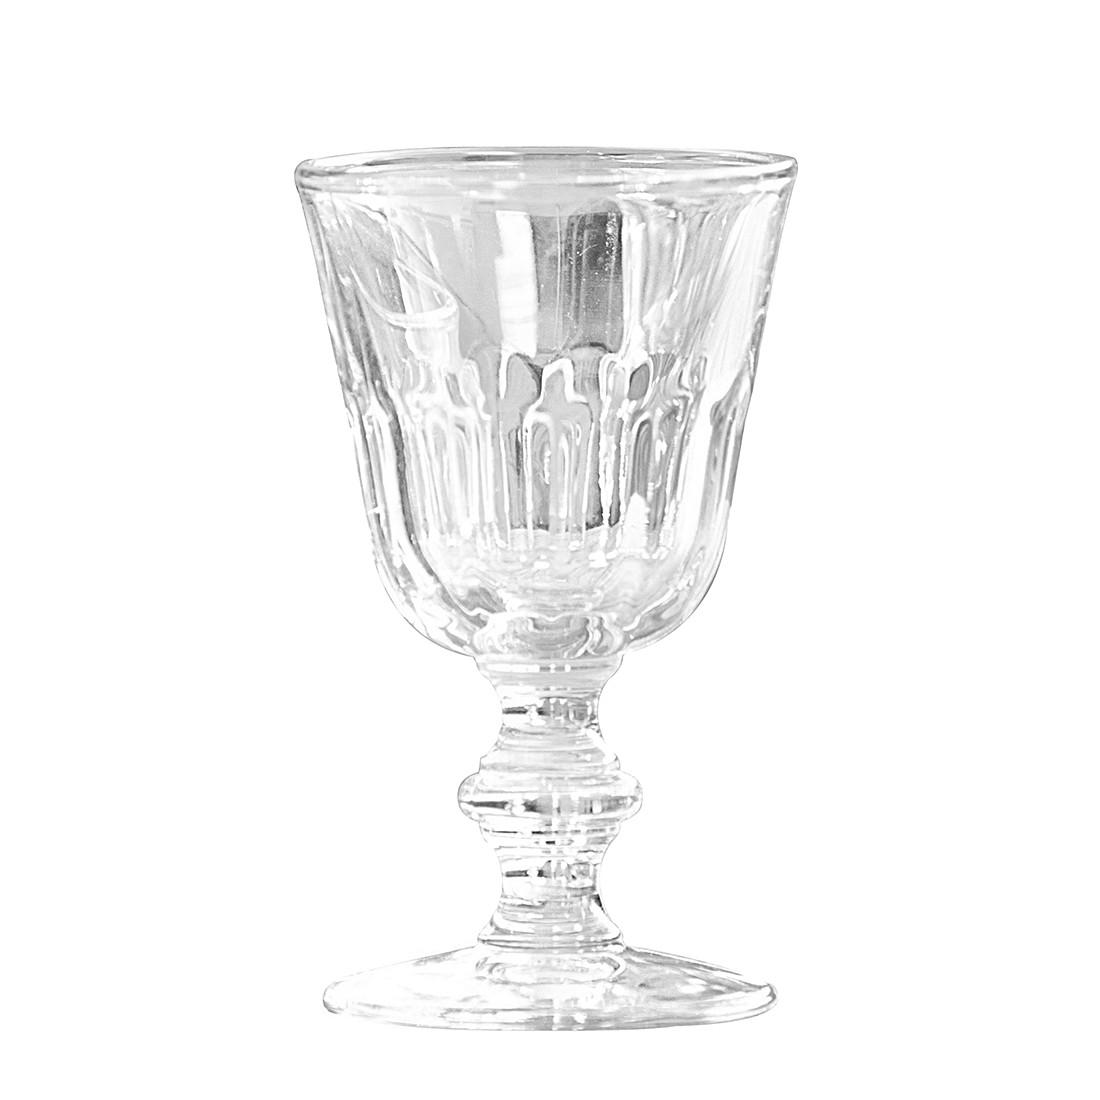 Weingläser 6er Set Pouce vin – Glas klar, Loberon jetzt bestellen